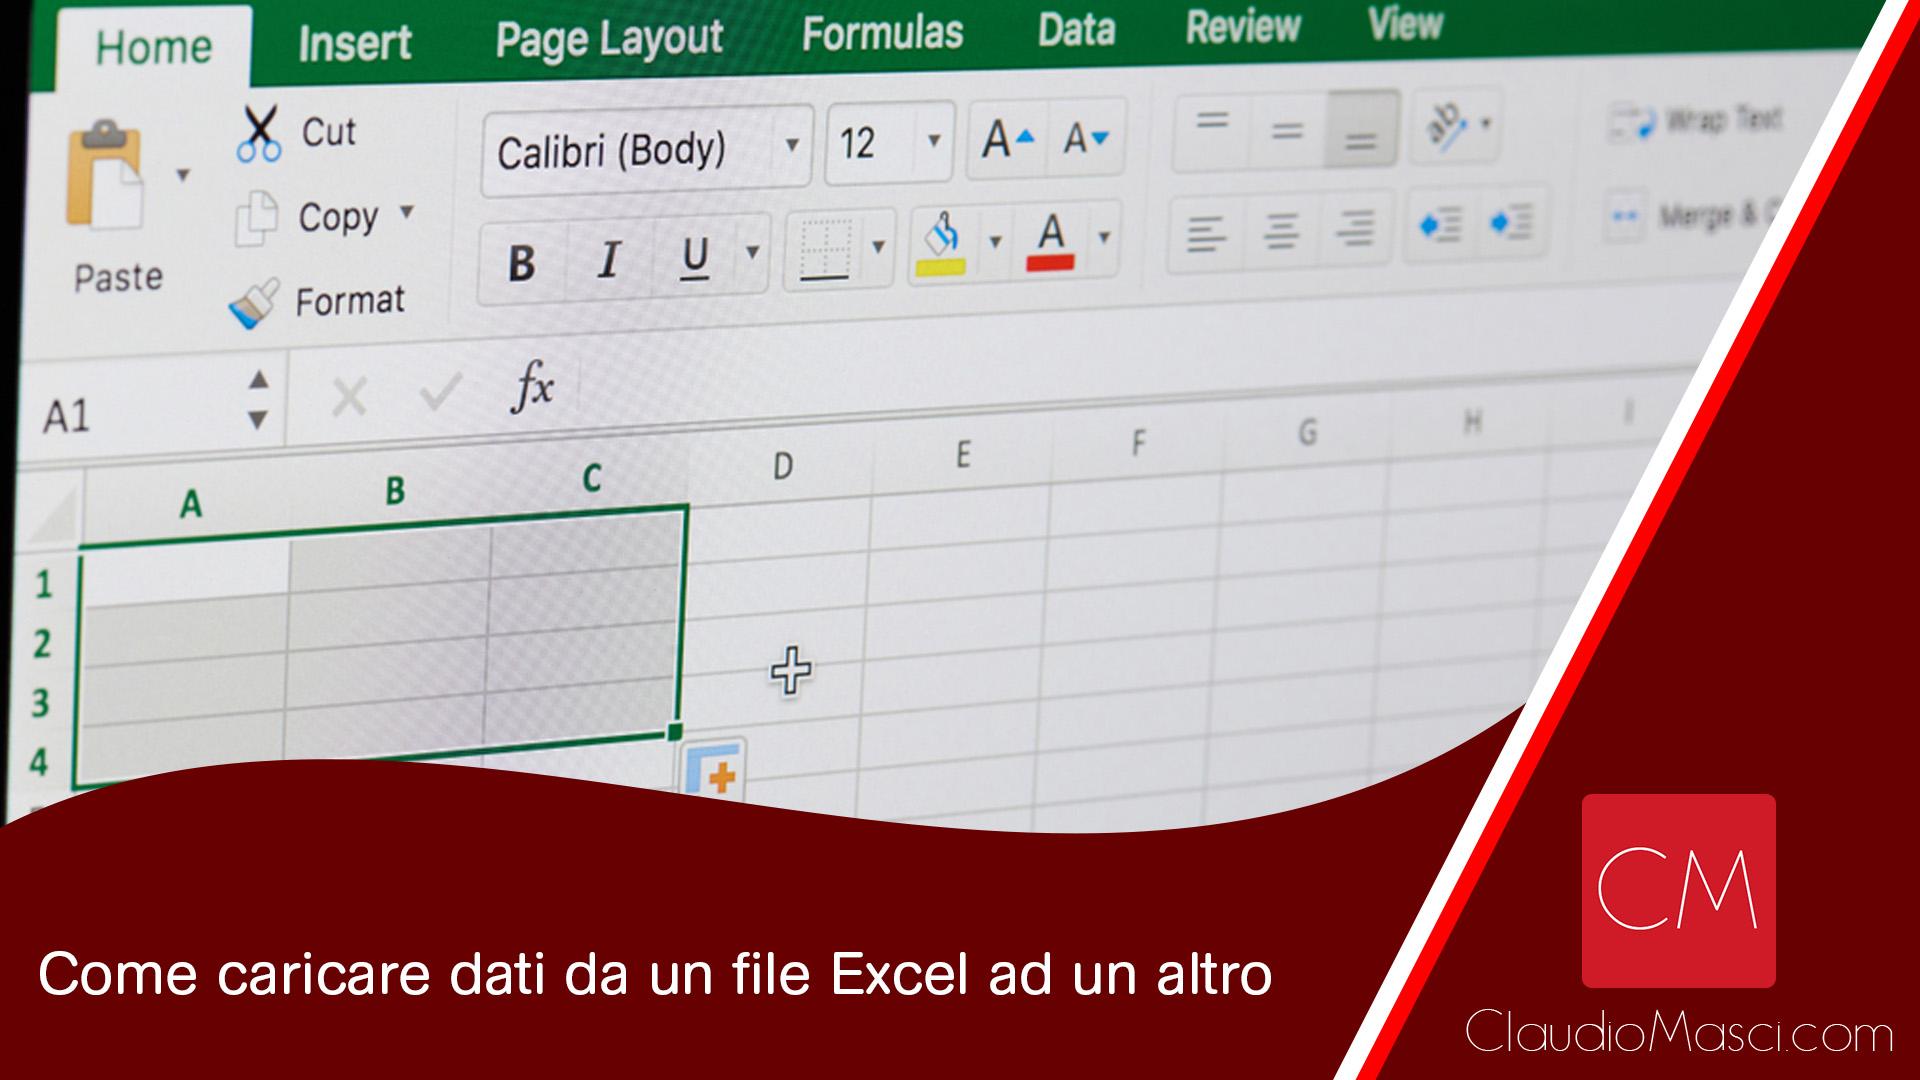 Come caricare dati da un file Excel ad un altro